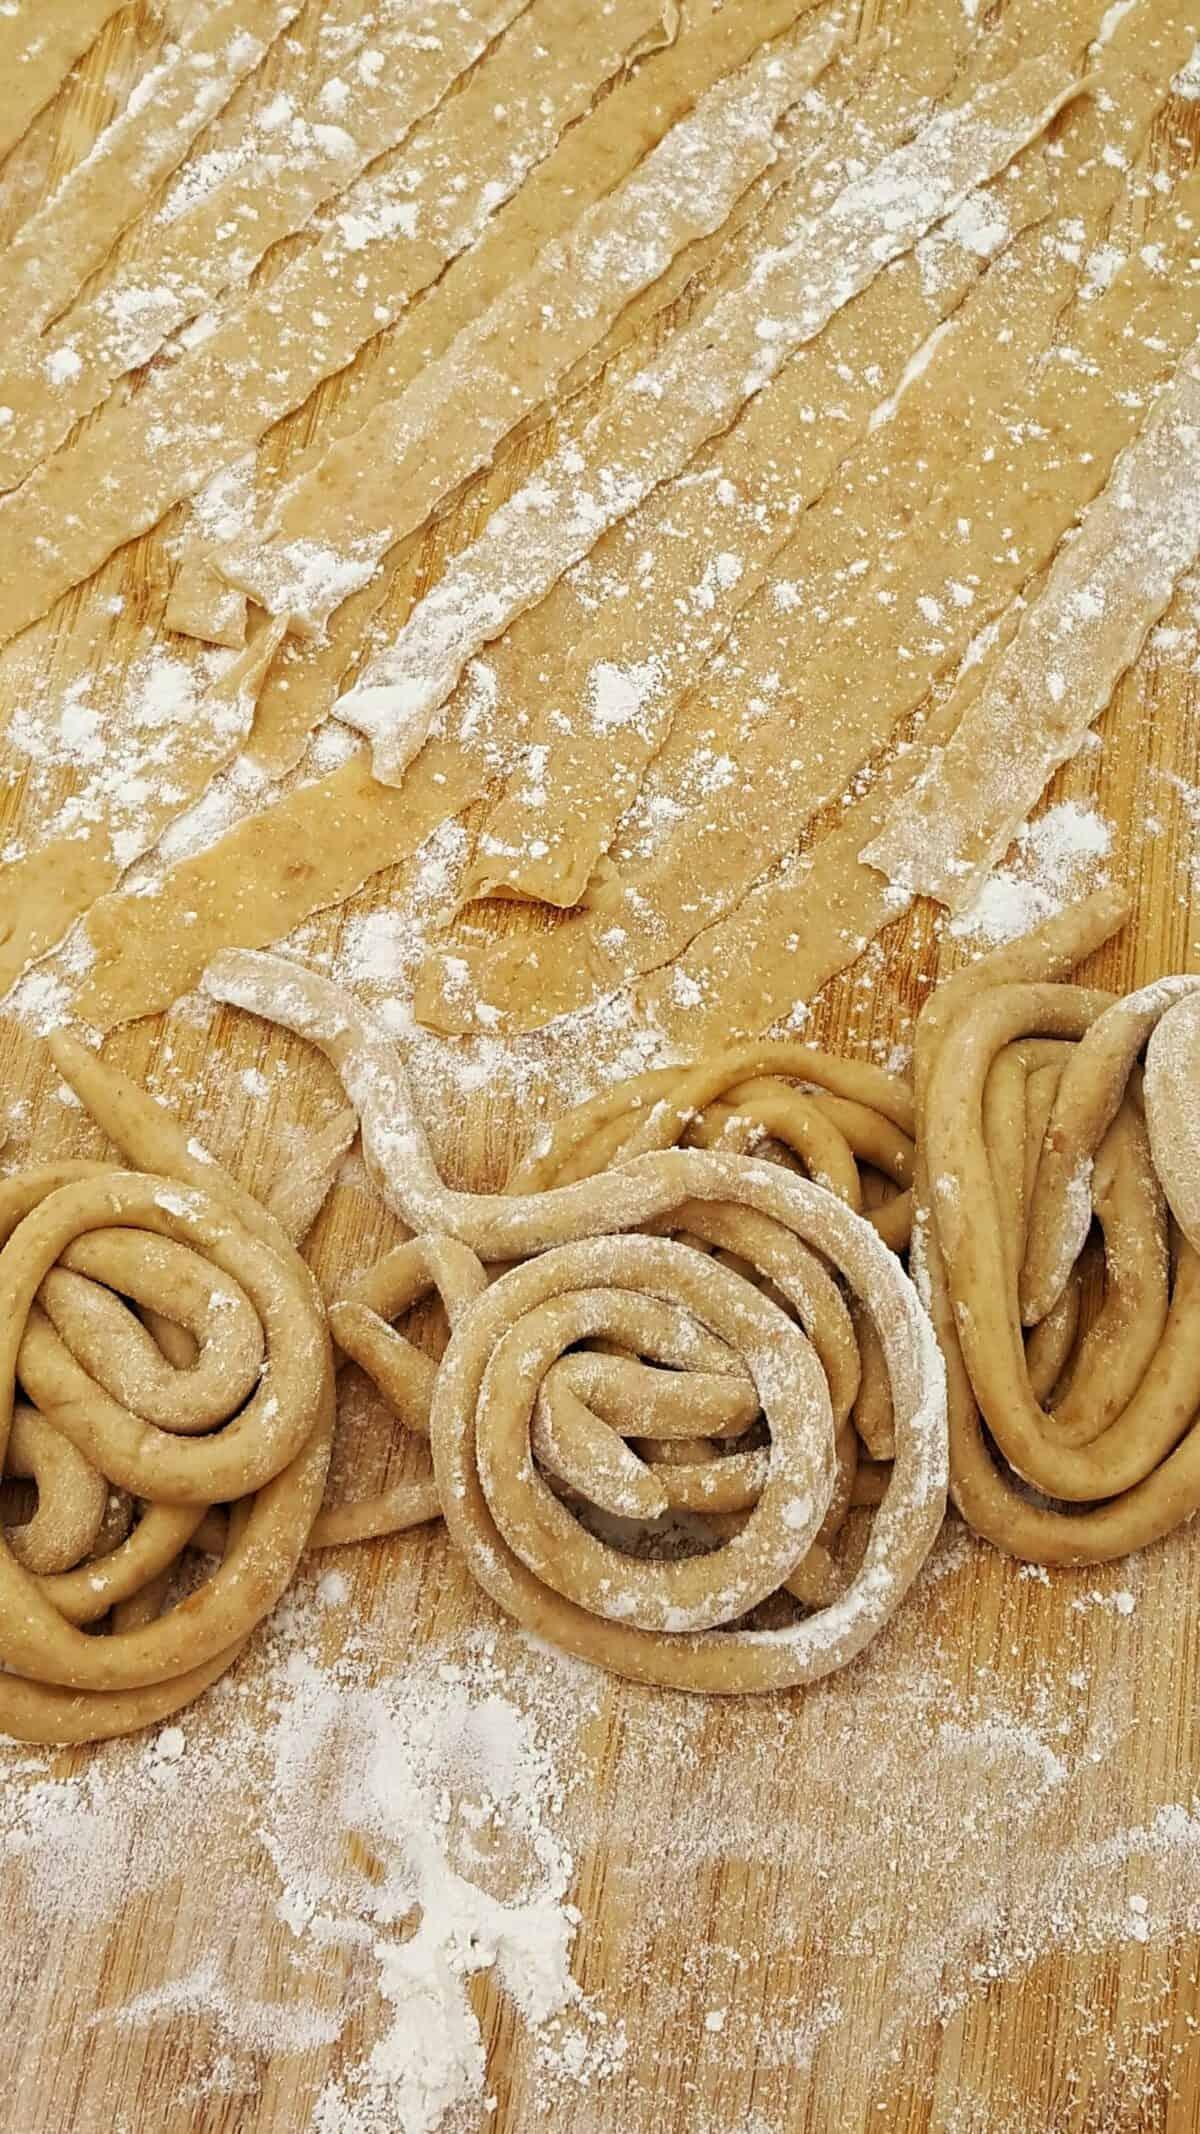 Auf einem Holz Schneidebrett selbst gemachte Dinkel Nudeln nach dem Grundrezept für Dinkel Nudel Teig in verschiedener Form.